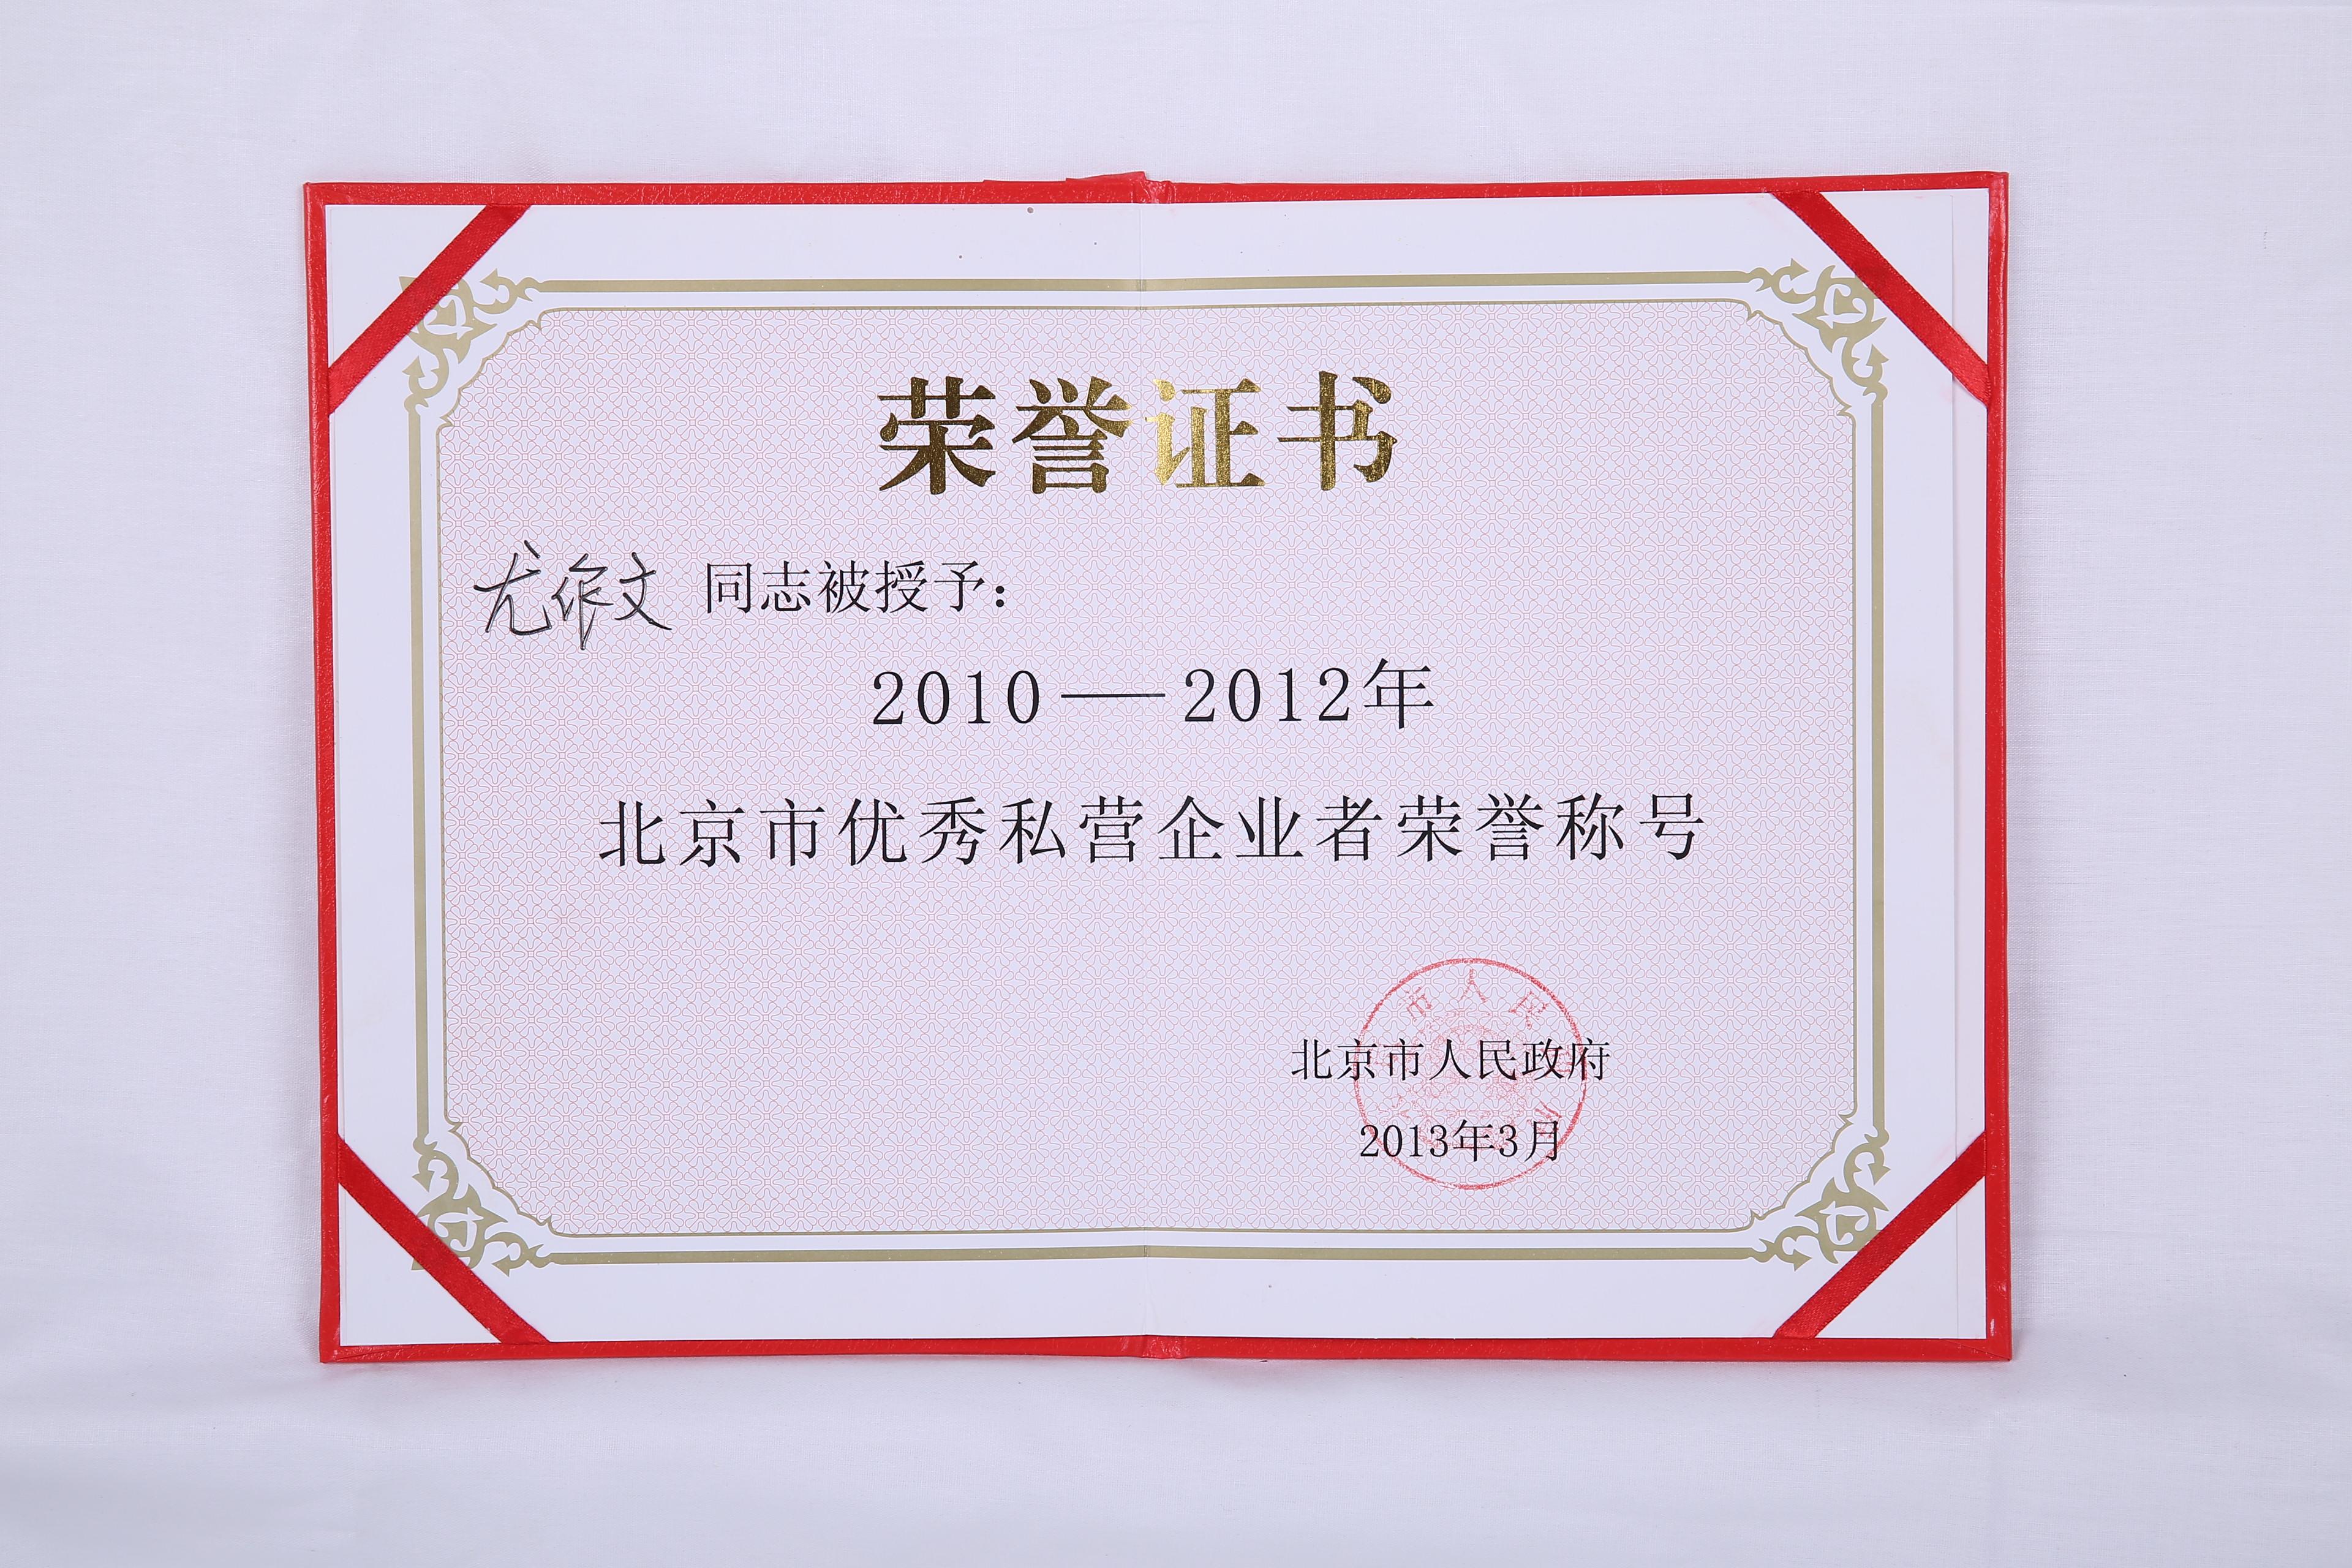 2010-2012年北京市优秀私营企业者荣誉称号证书